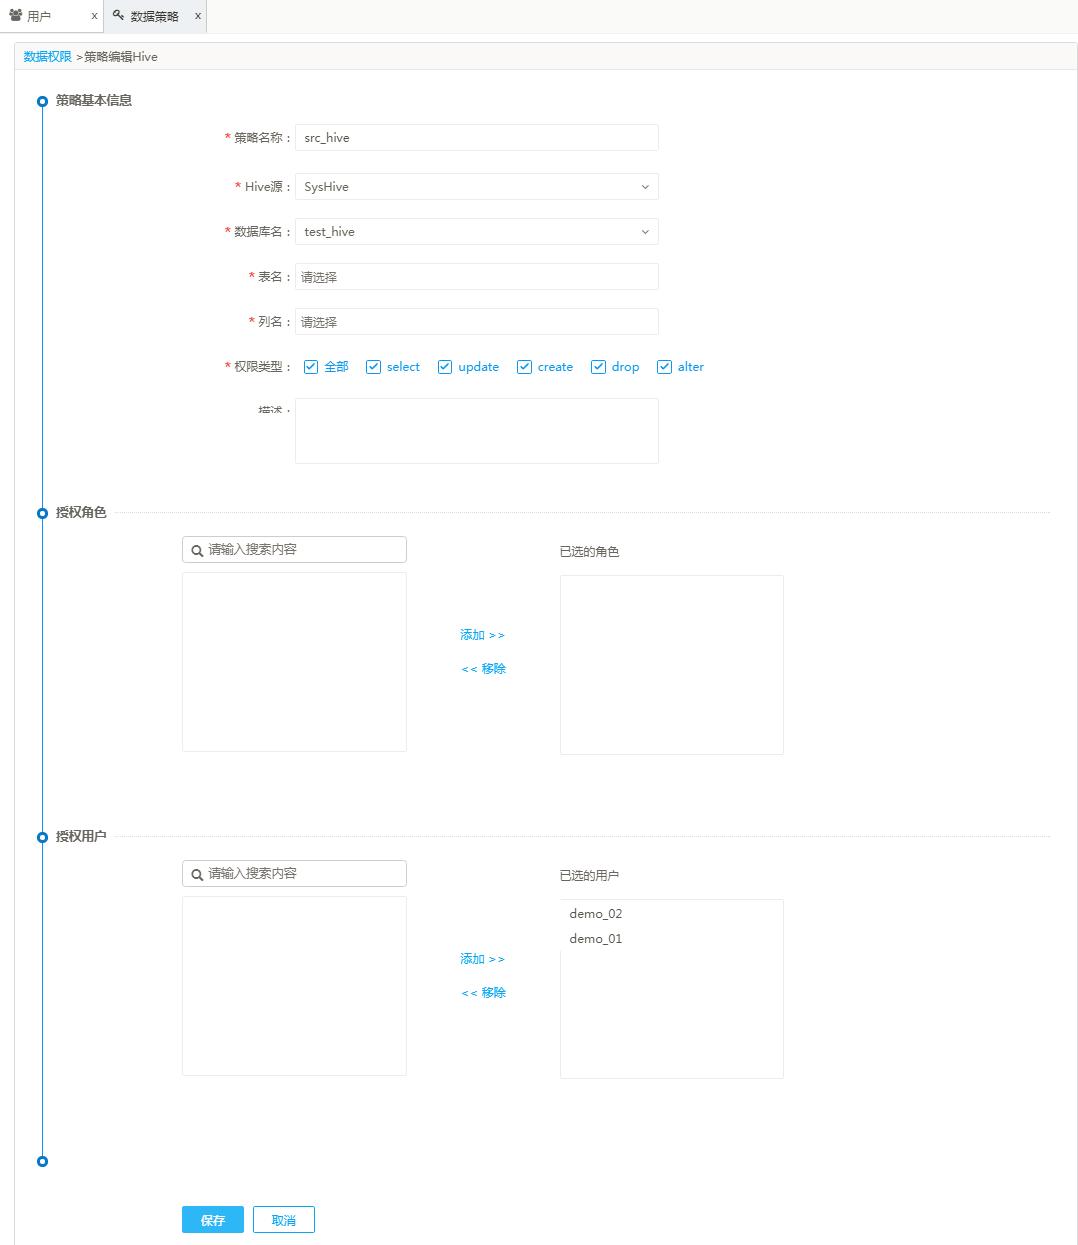 图 BD-OS系统数据策略新增页面.png